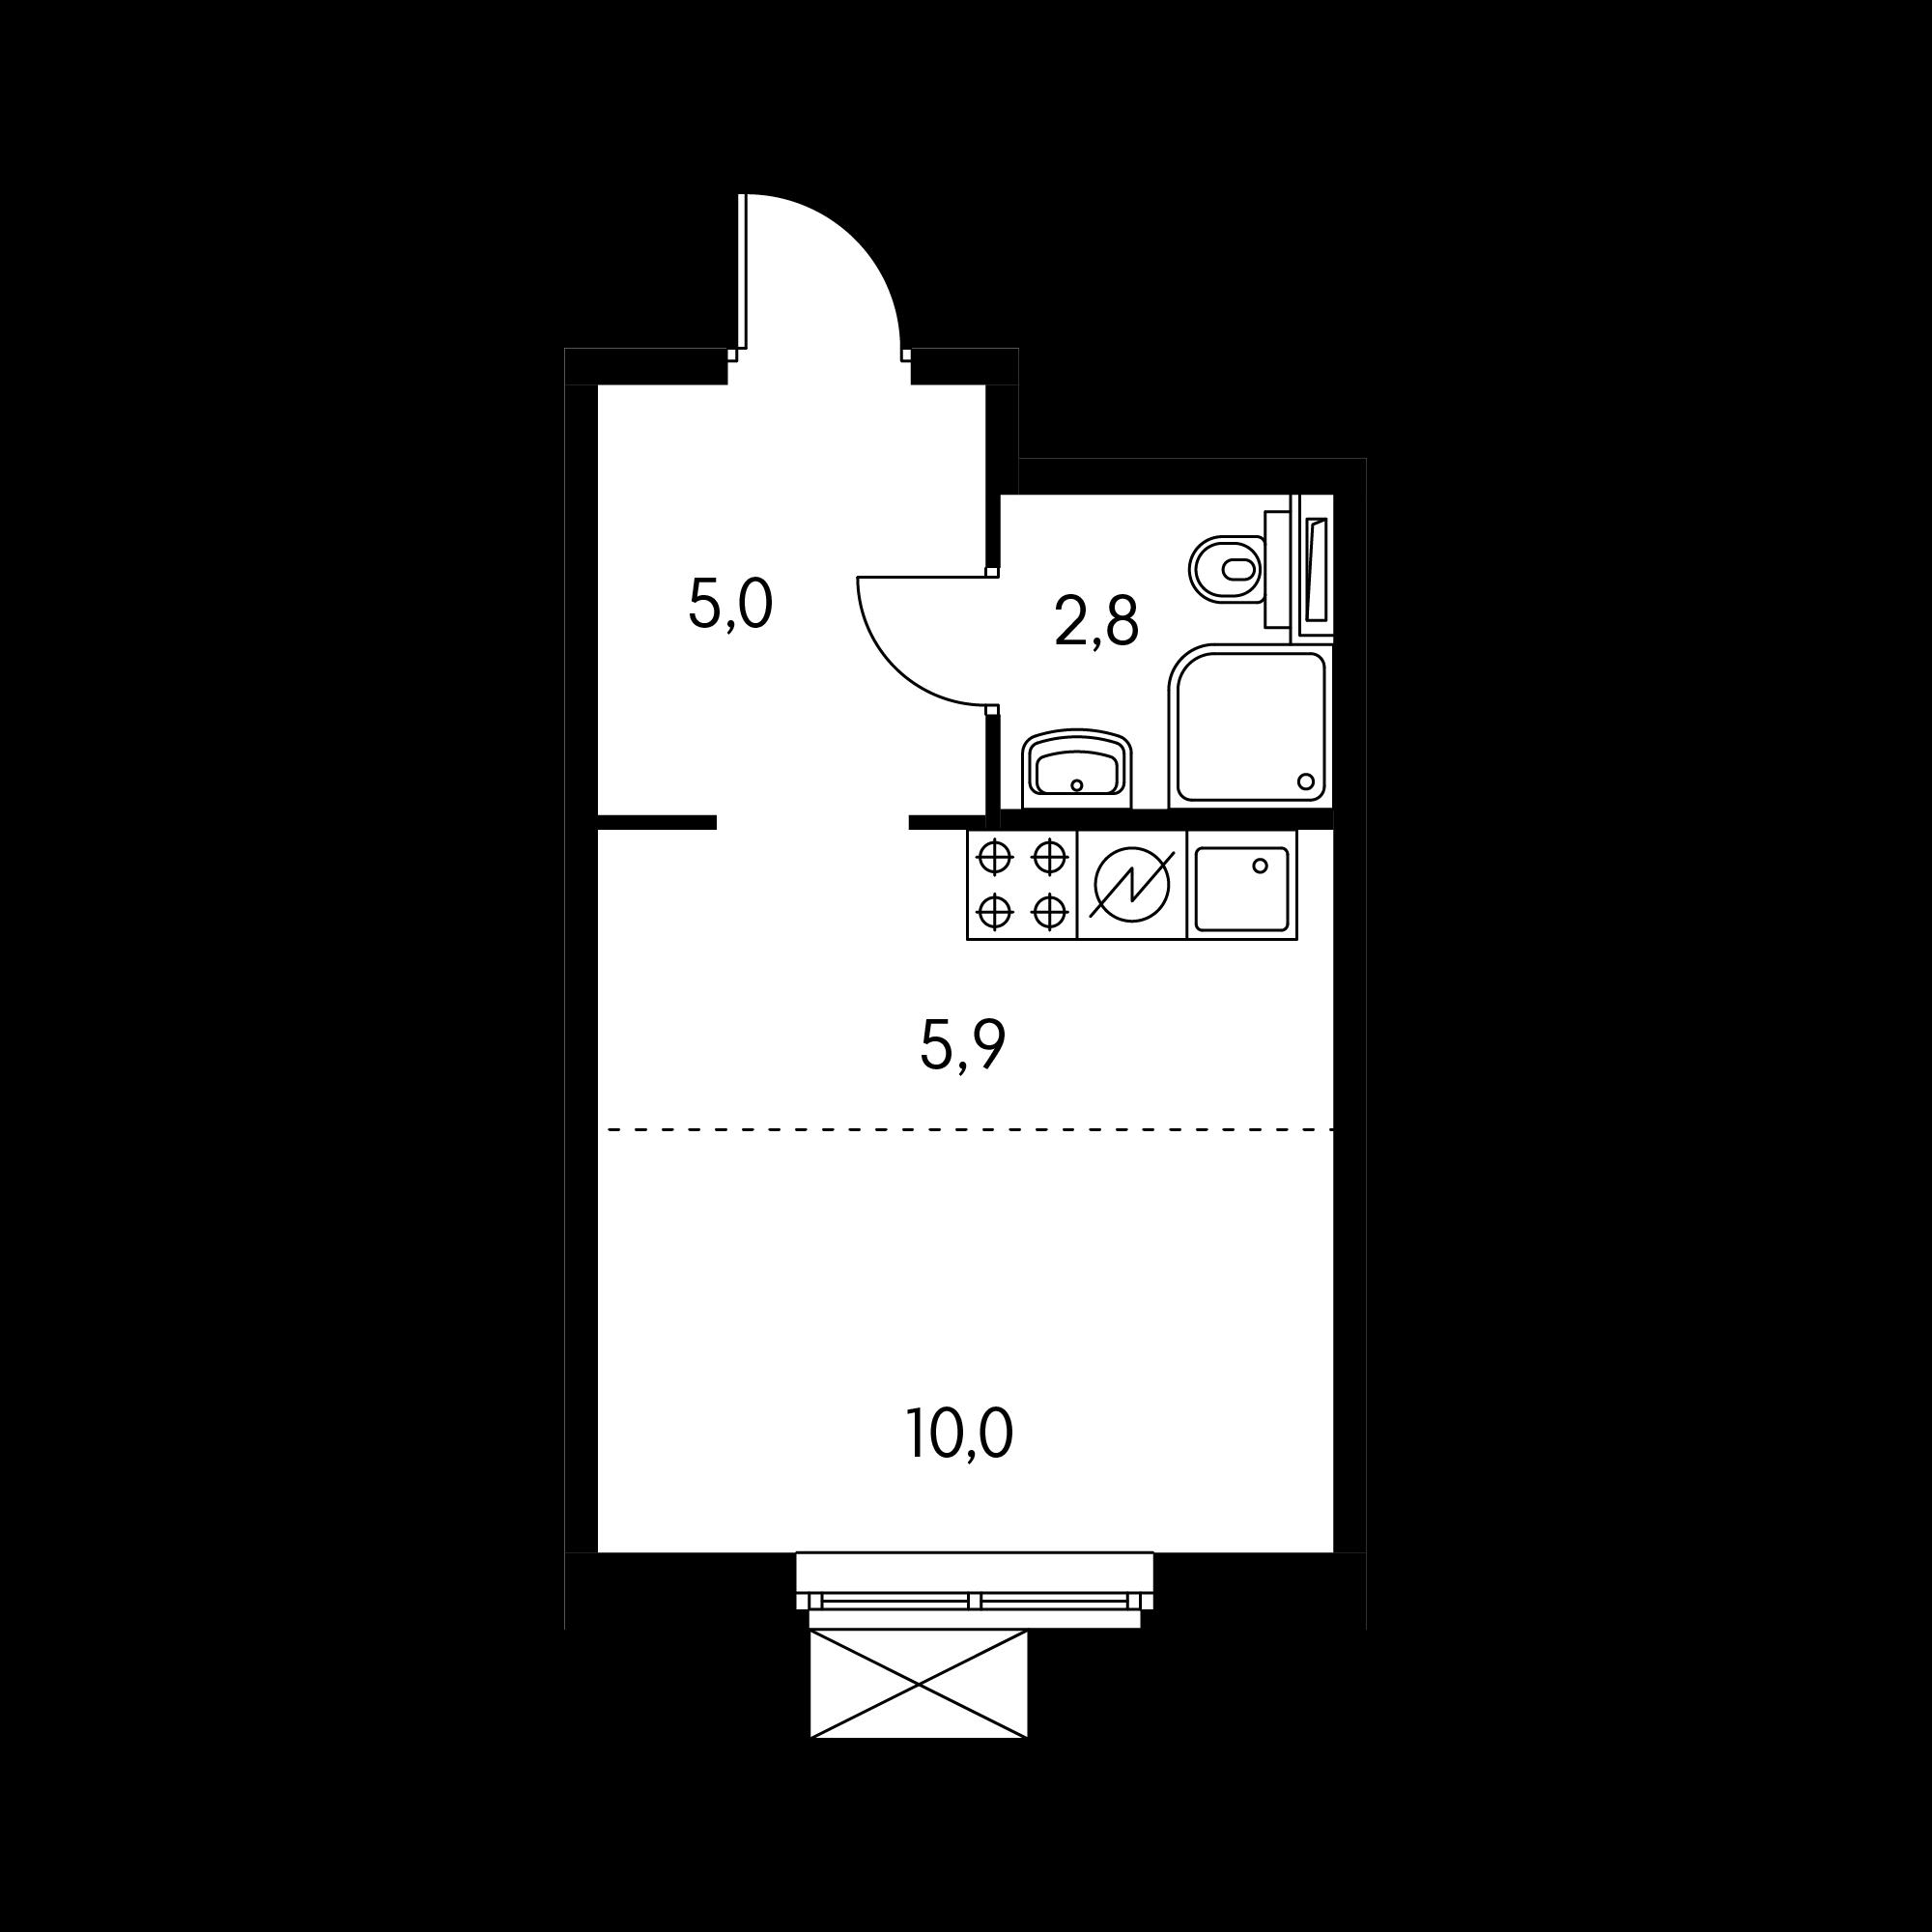 1NS1_4.2-1_S_Z*